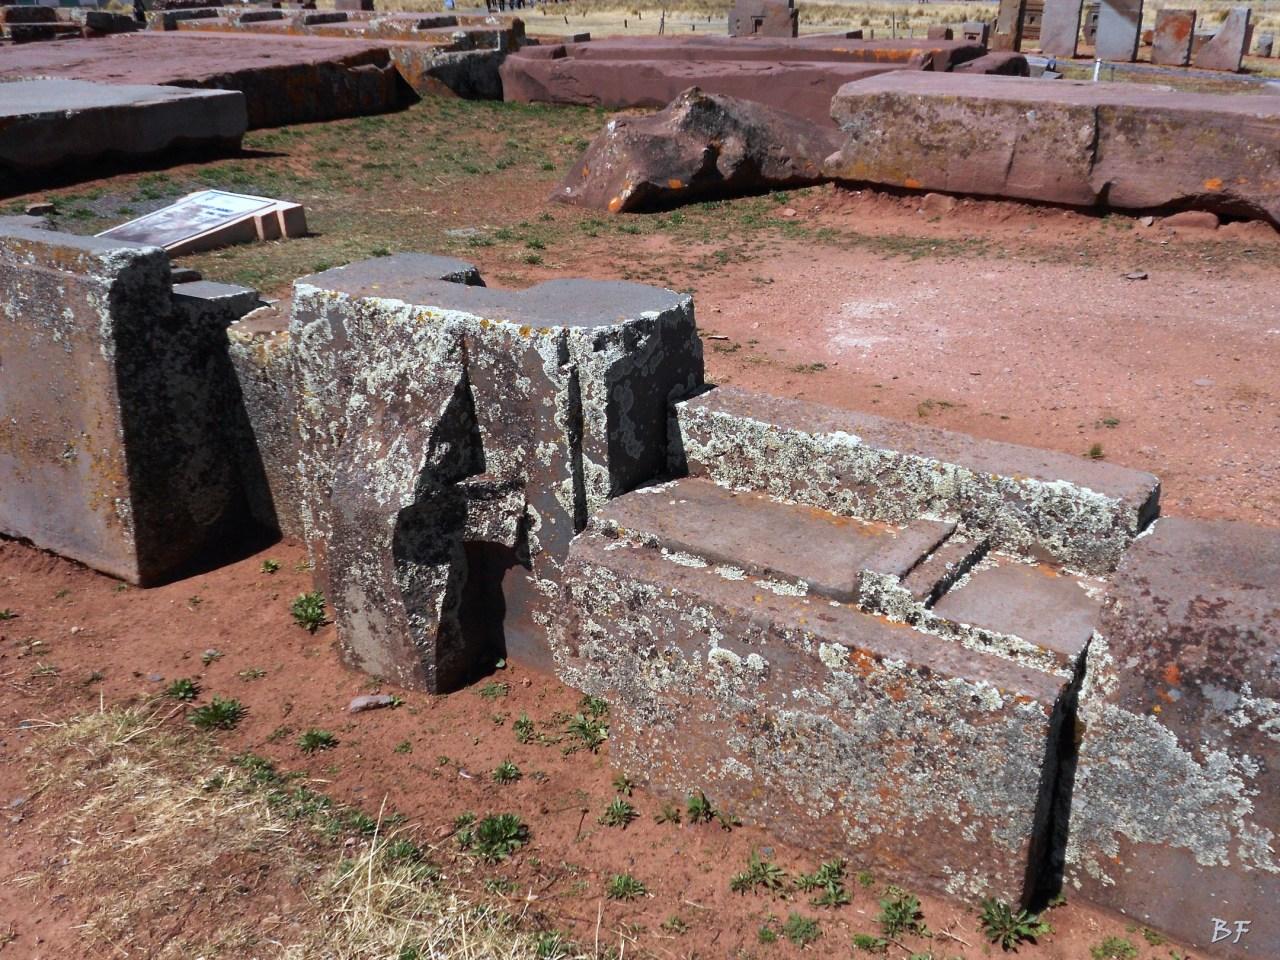 Puma-Punku-Area-Megalitica-Mura-Poligonali-Megaliti-Tiwanaku-Tiahuanaco-Bolivia-30